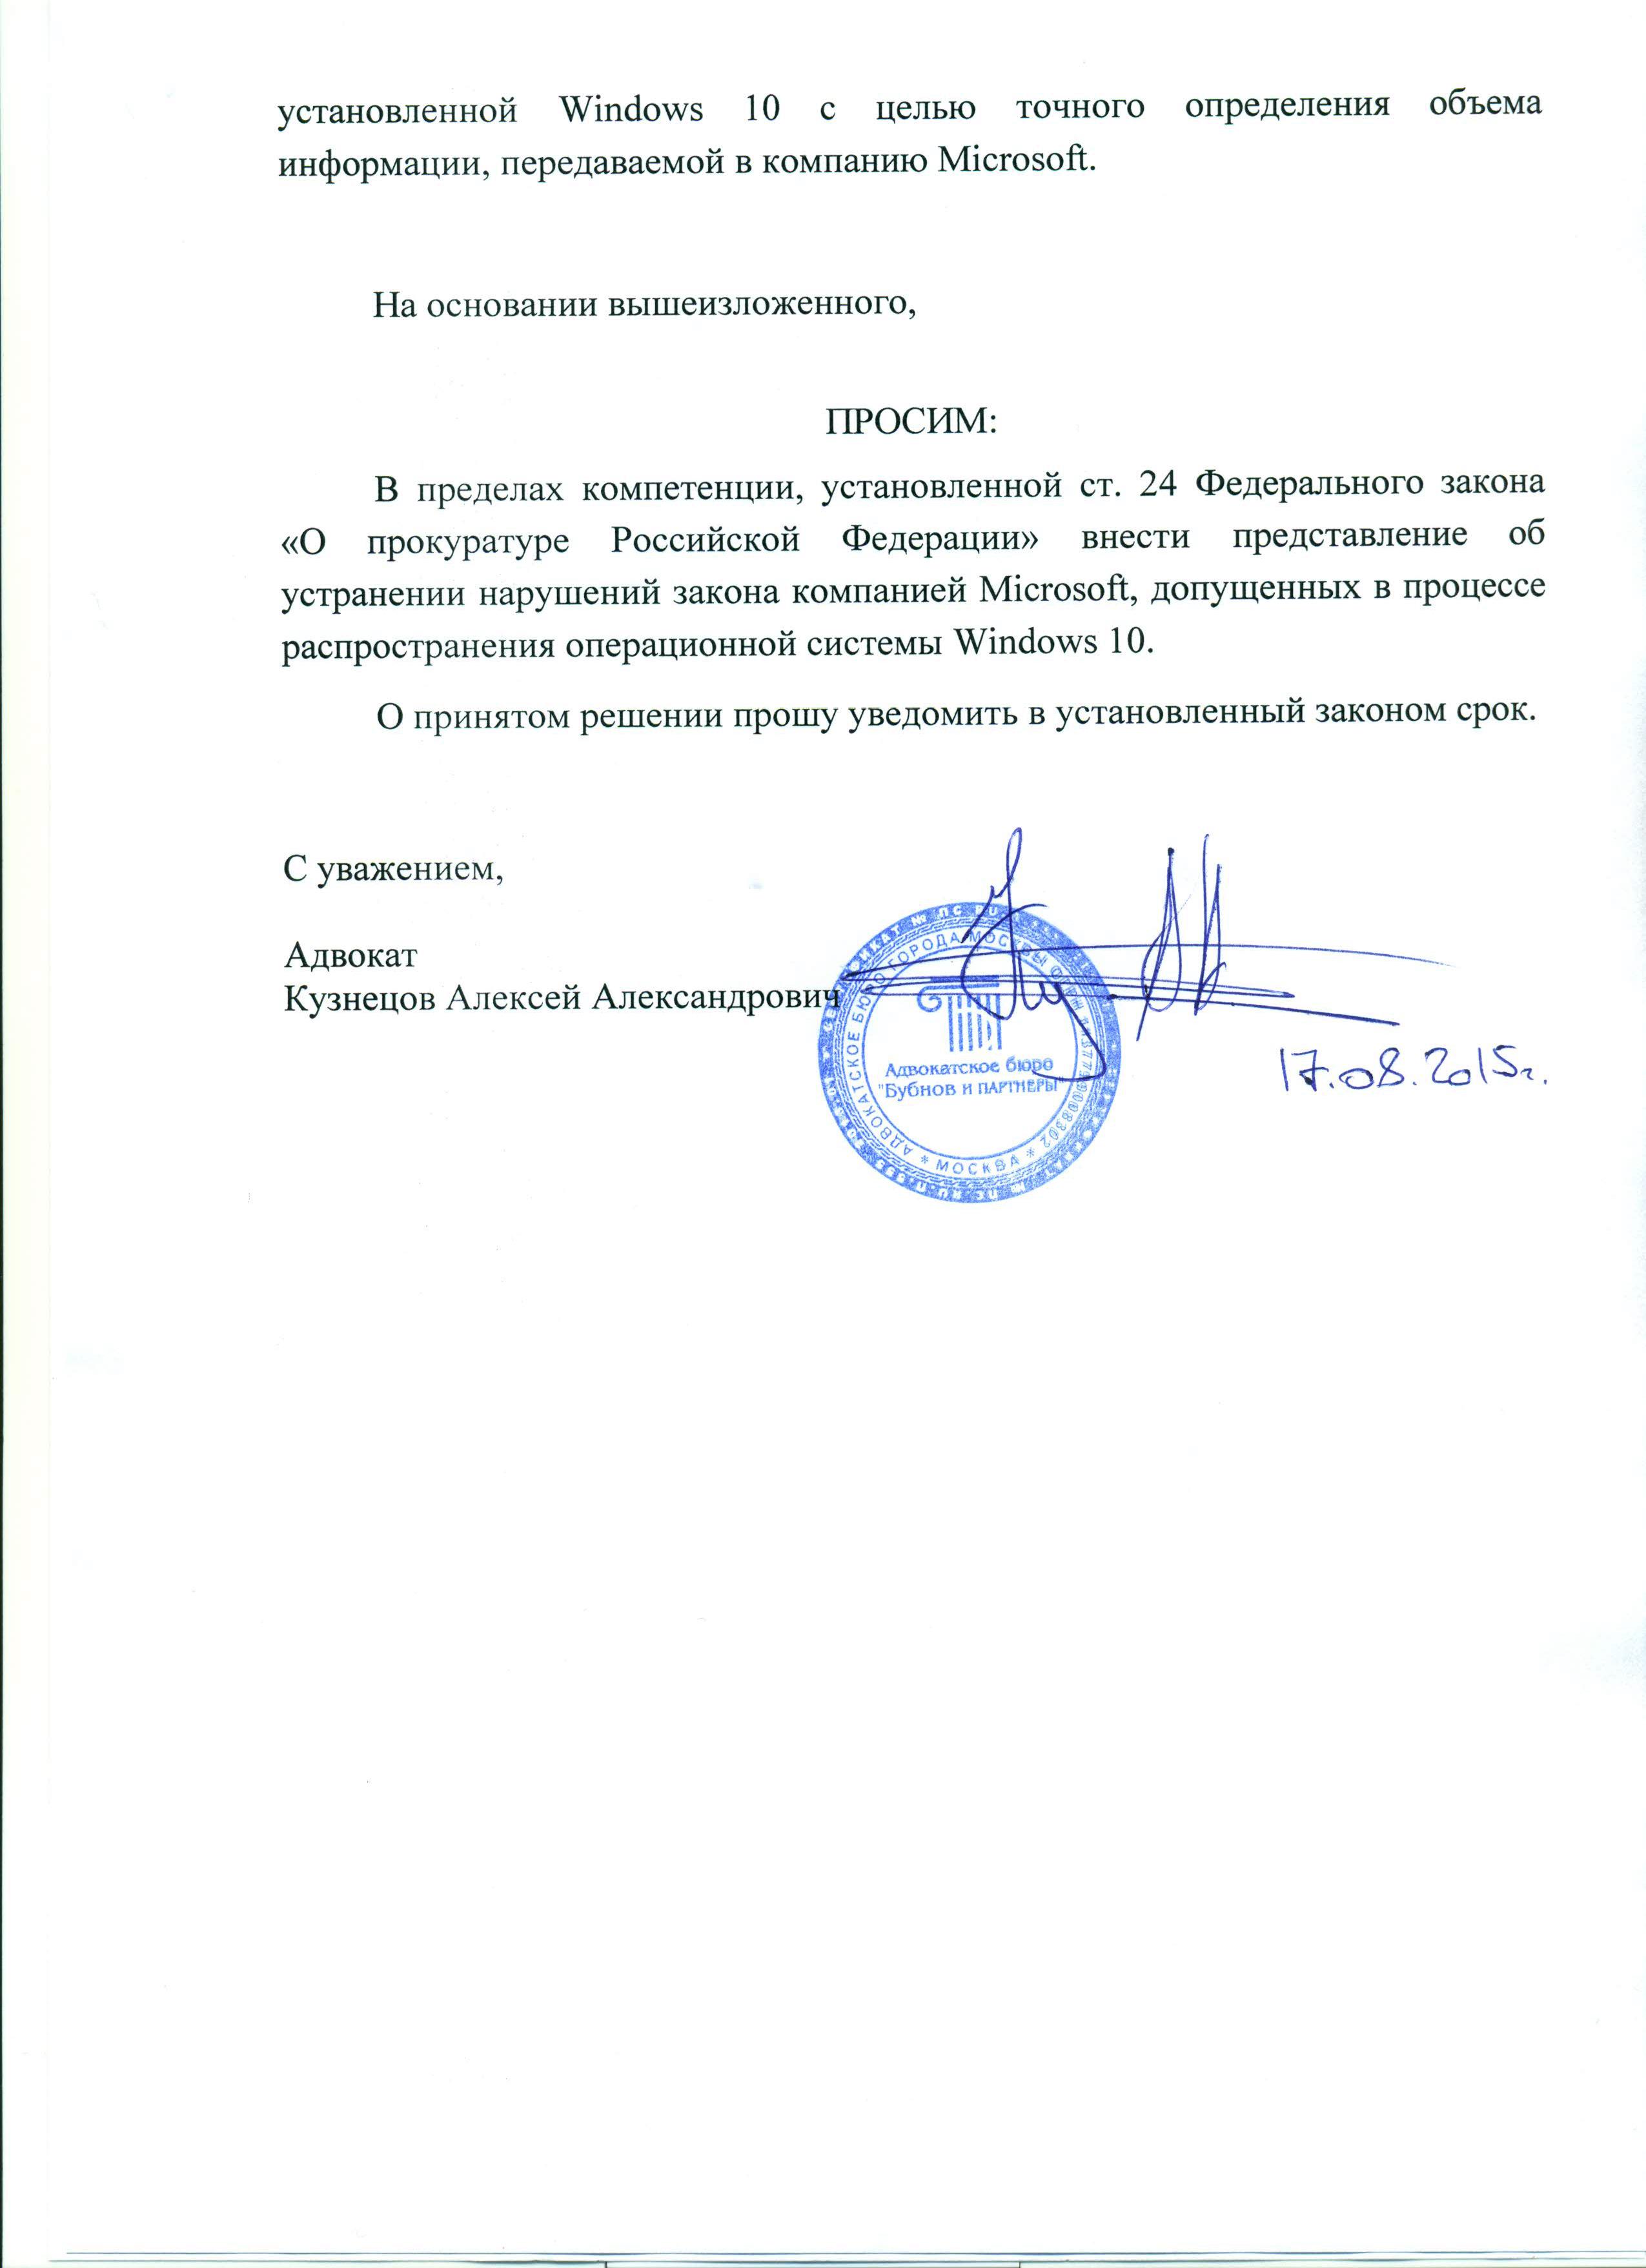 Жалоба генеральному прокурору РФ-4